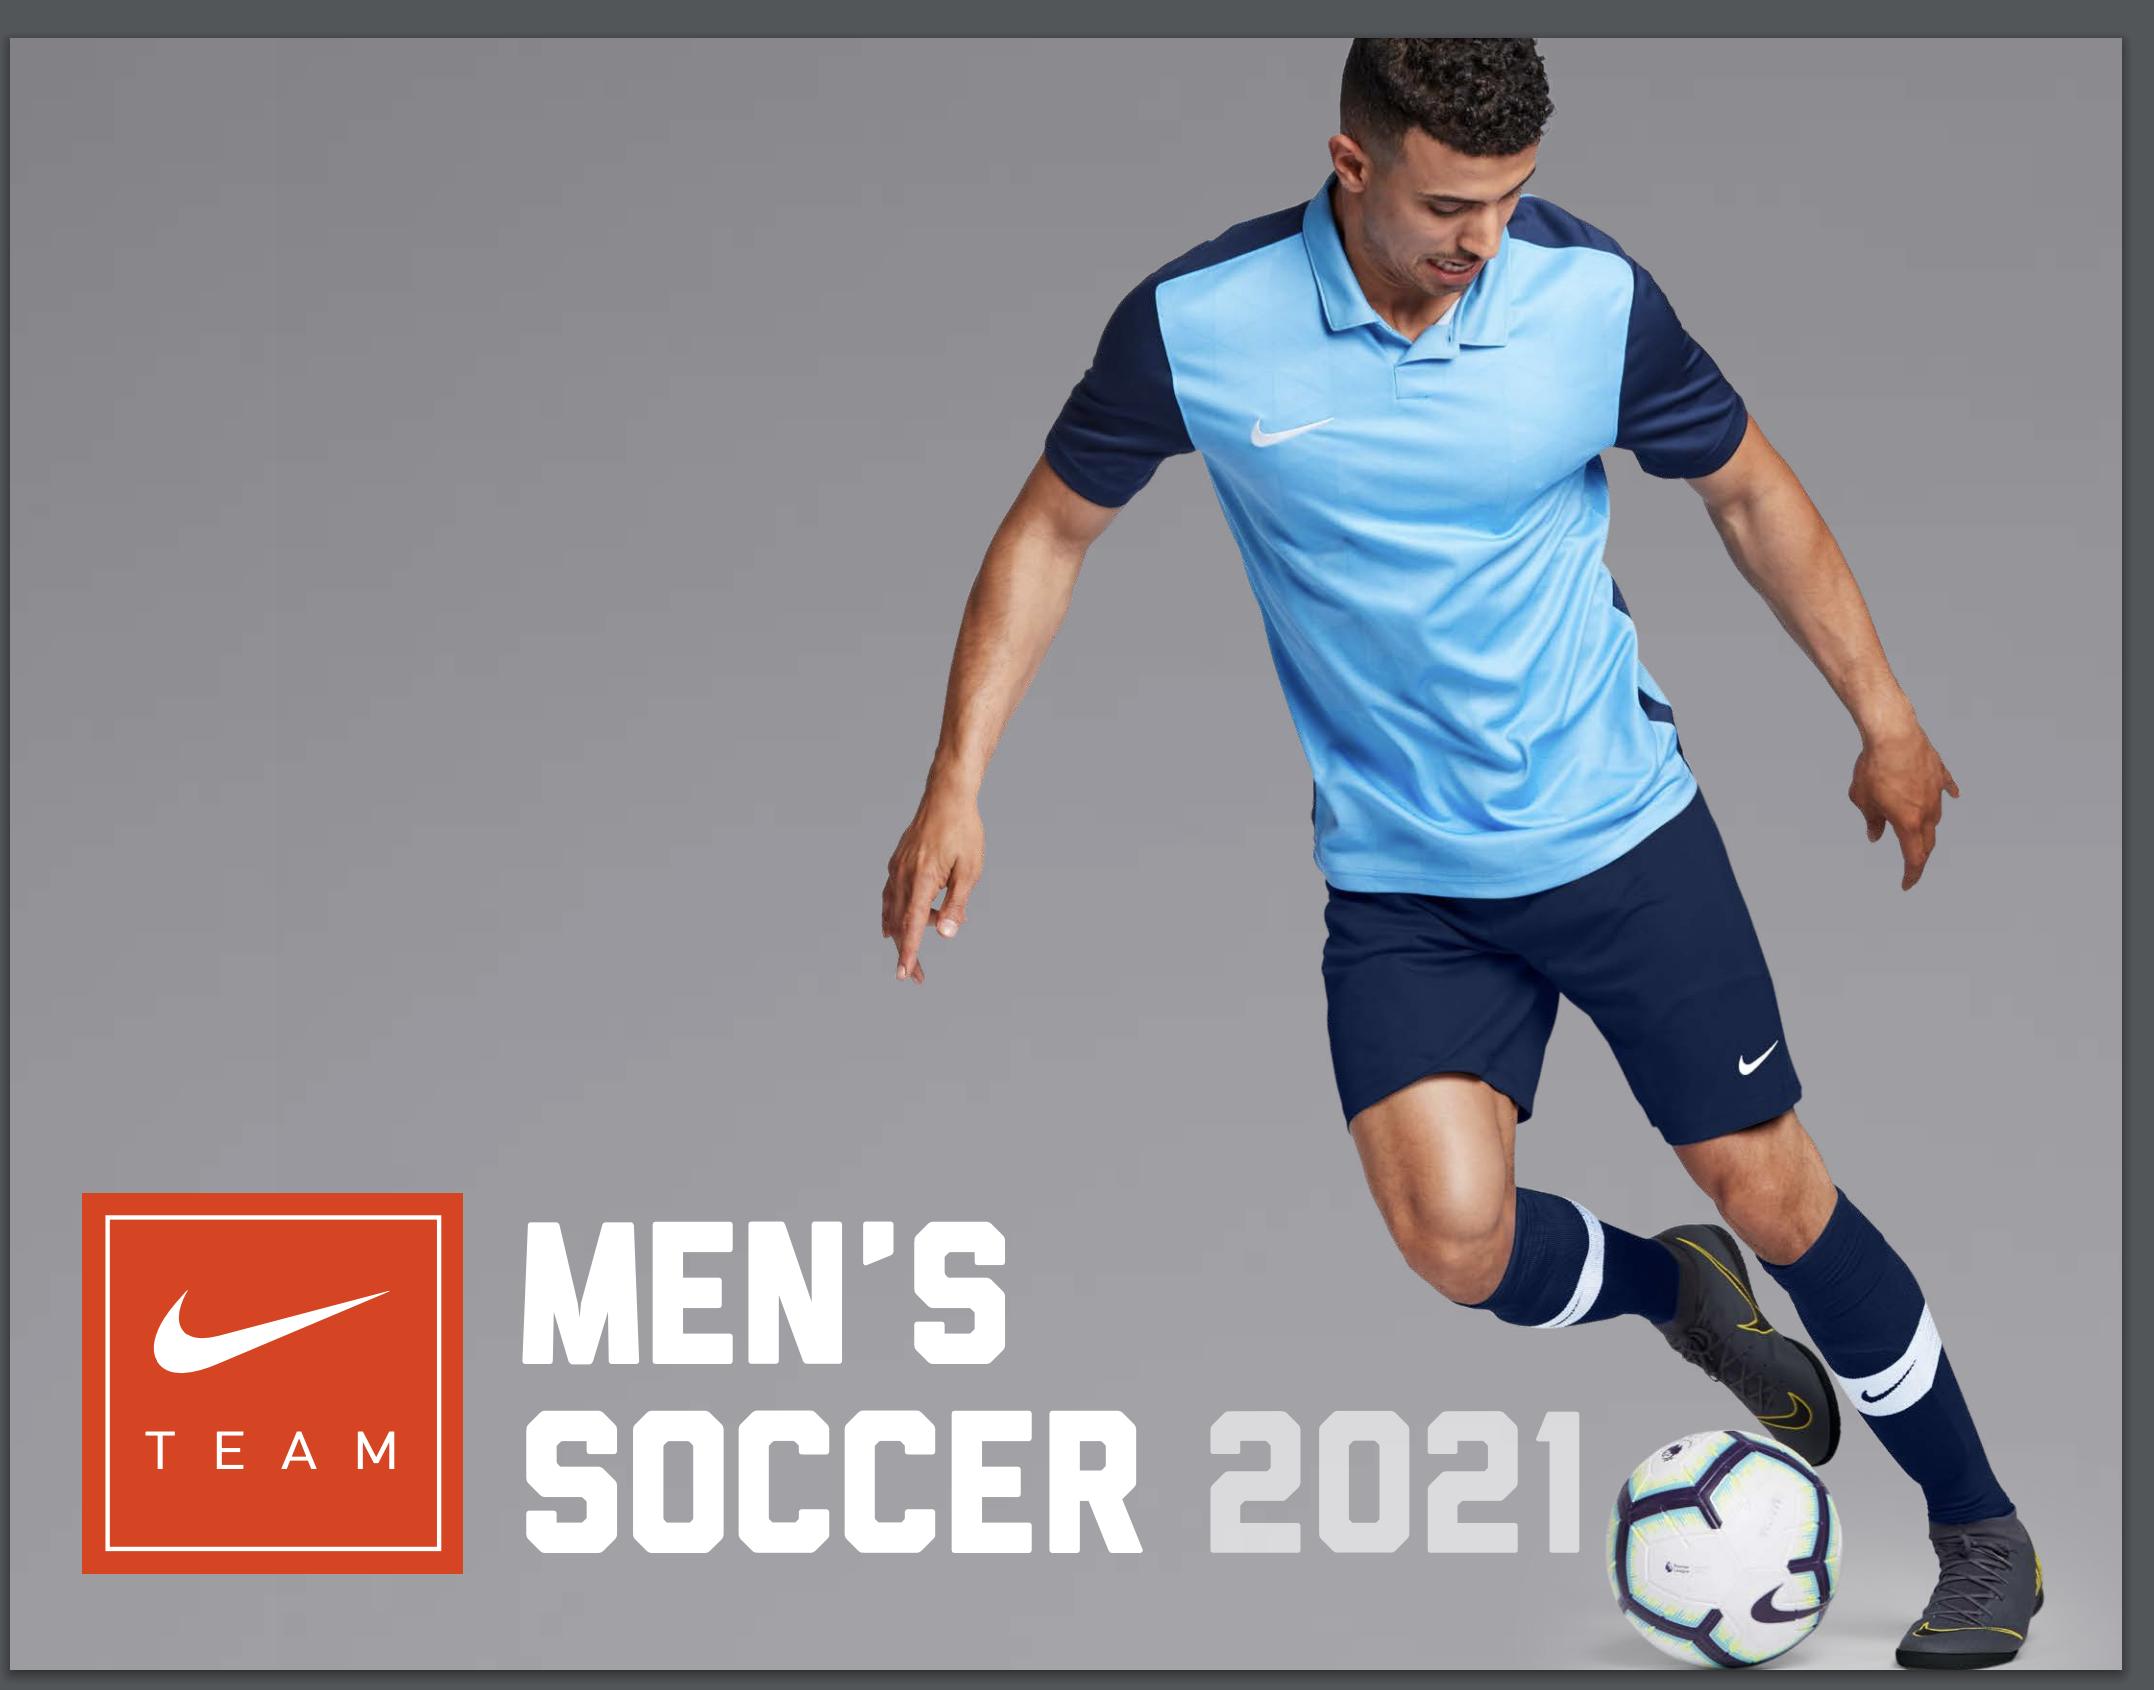 Nike 2021 Men's Catalog